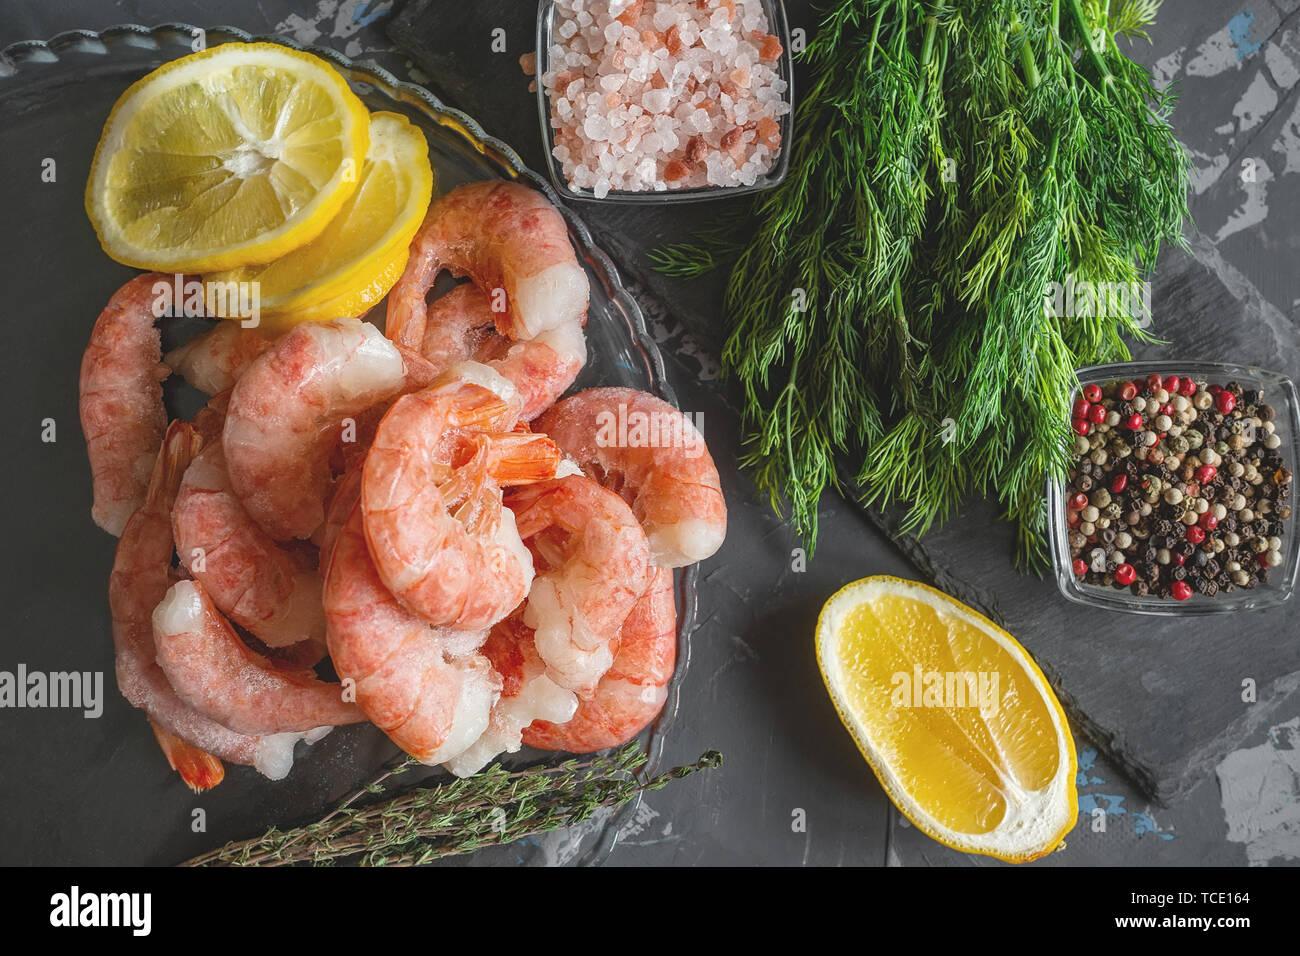 Gefrorene Garnelen werden zum Kochen bereit. Garnelen mit Zitrone farbige Gewürze bohnenkraut Pfeffer Dill und Meersalz. Zubereitung Stockbild